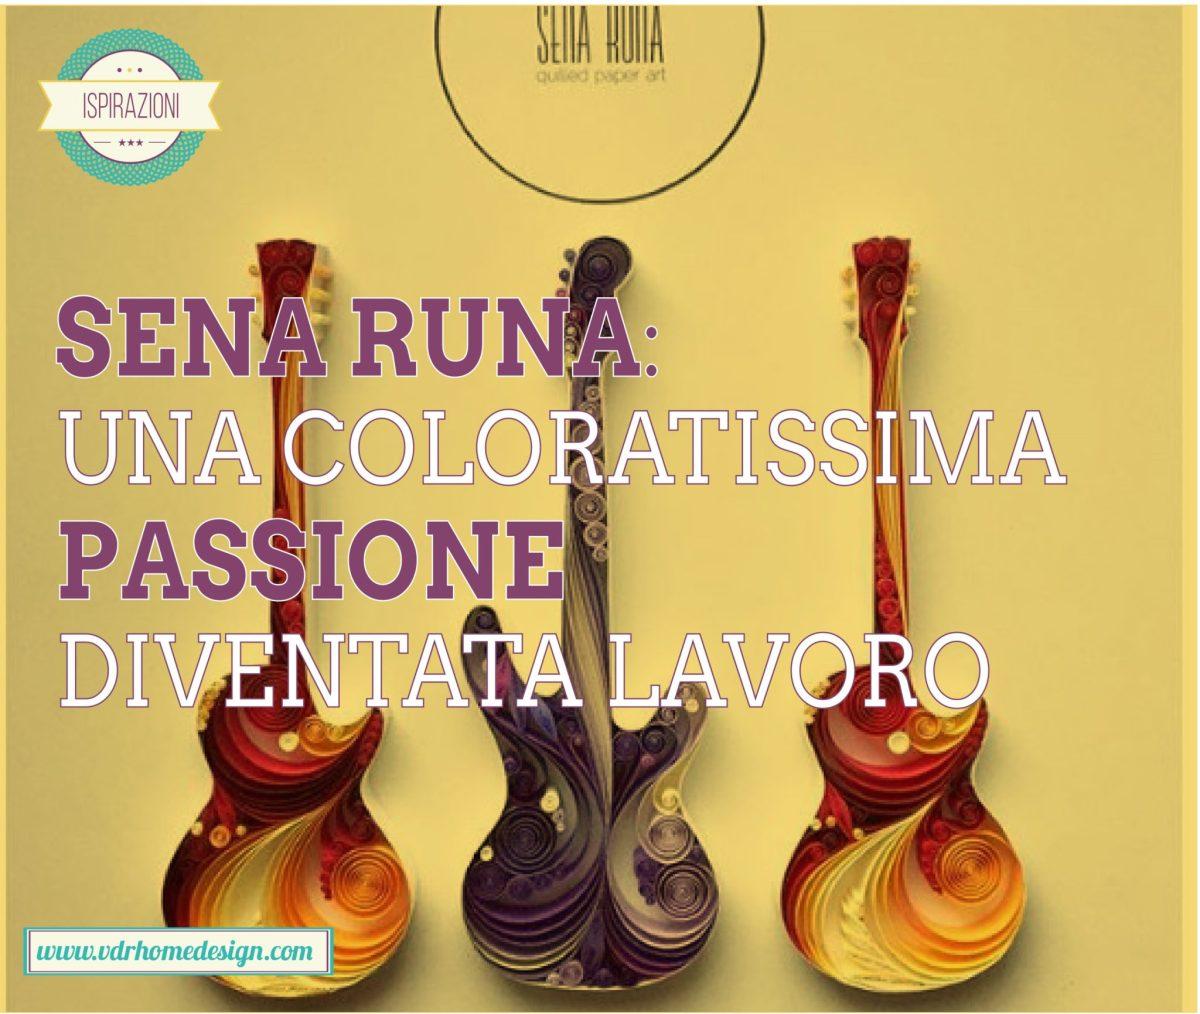 Sena Runa: una coloratissima passione diventata lavoro